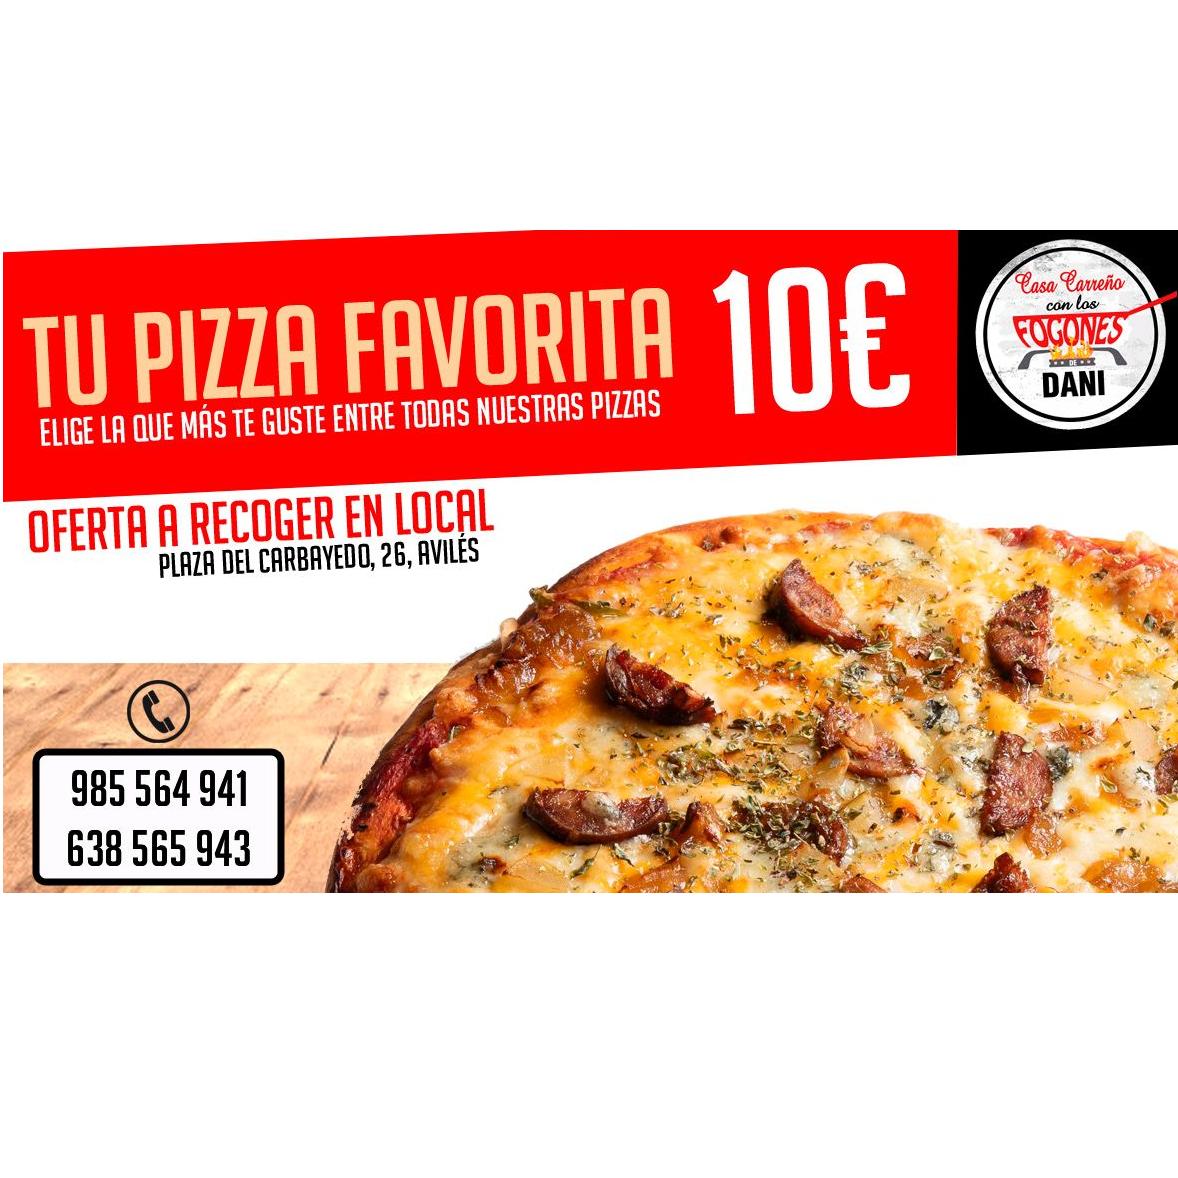 Tu pizza favorita